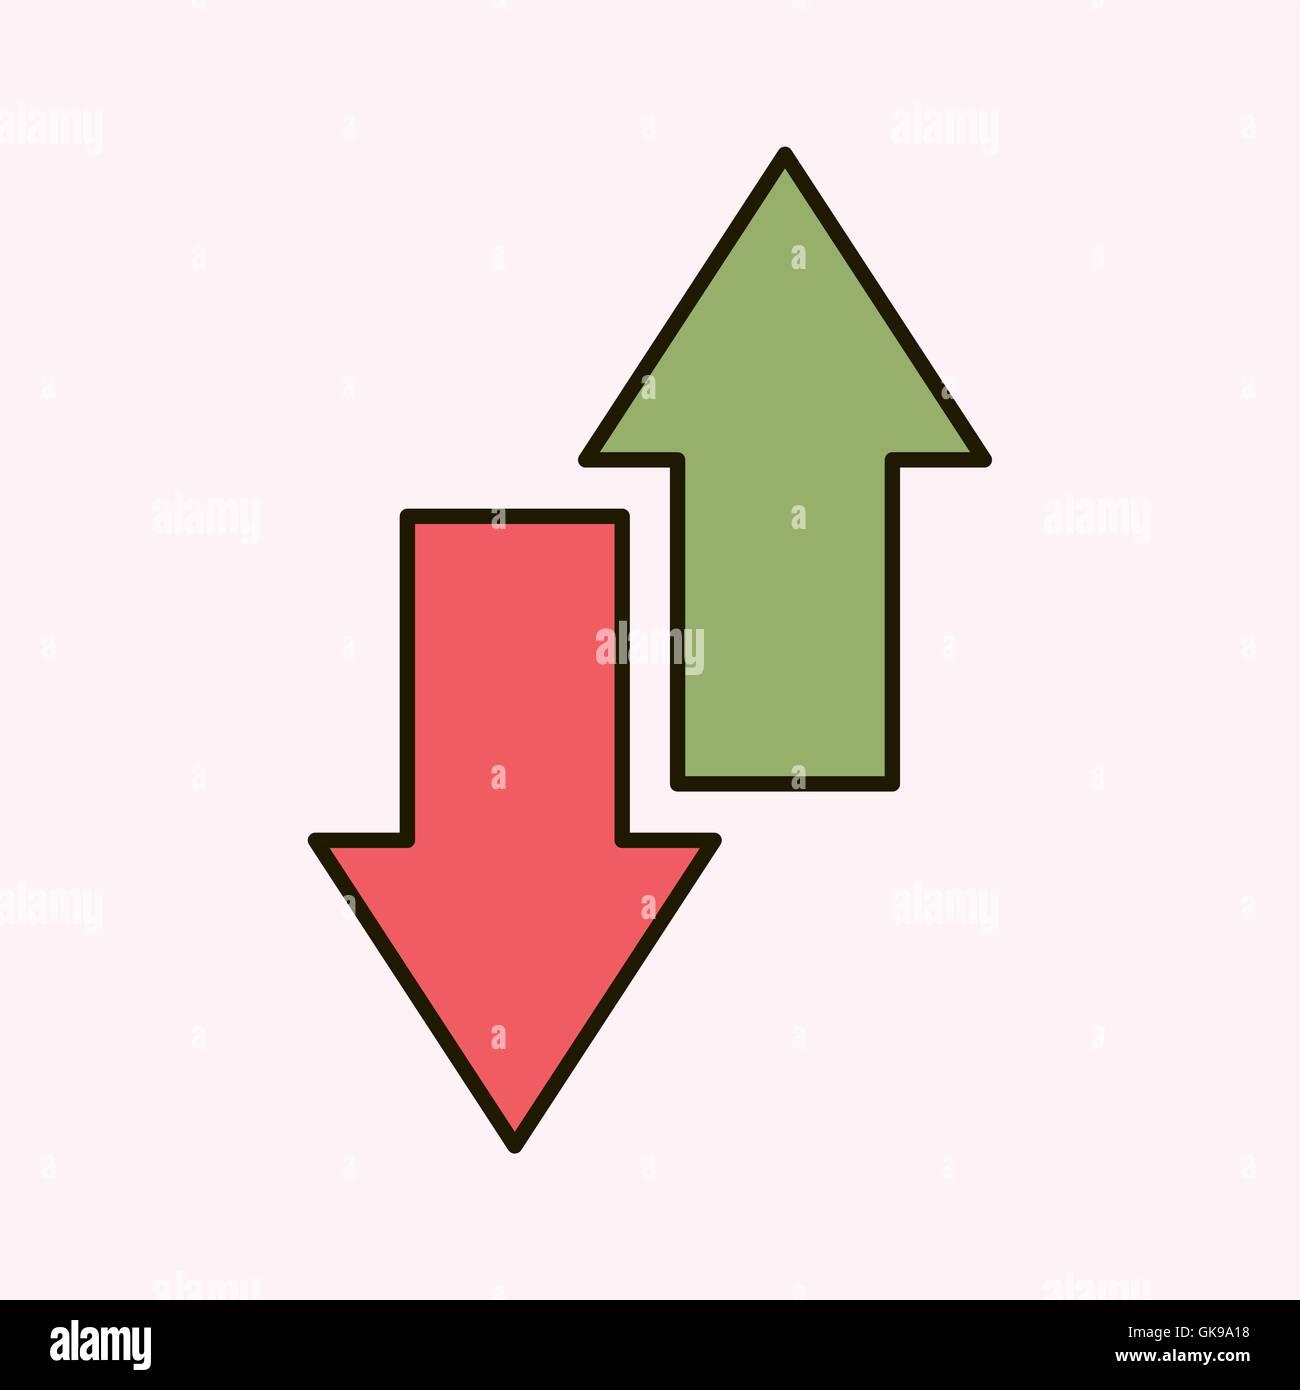 Increase Decrease Stock Photos & Increase Decrease Stock